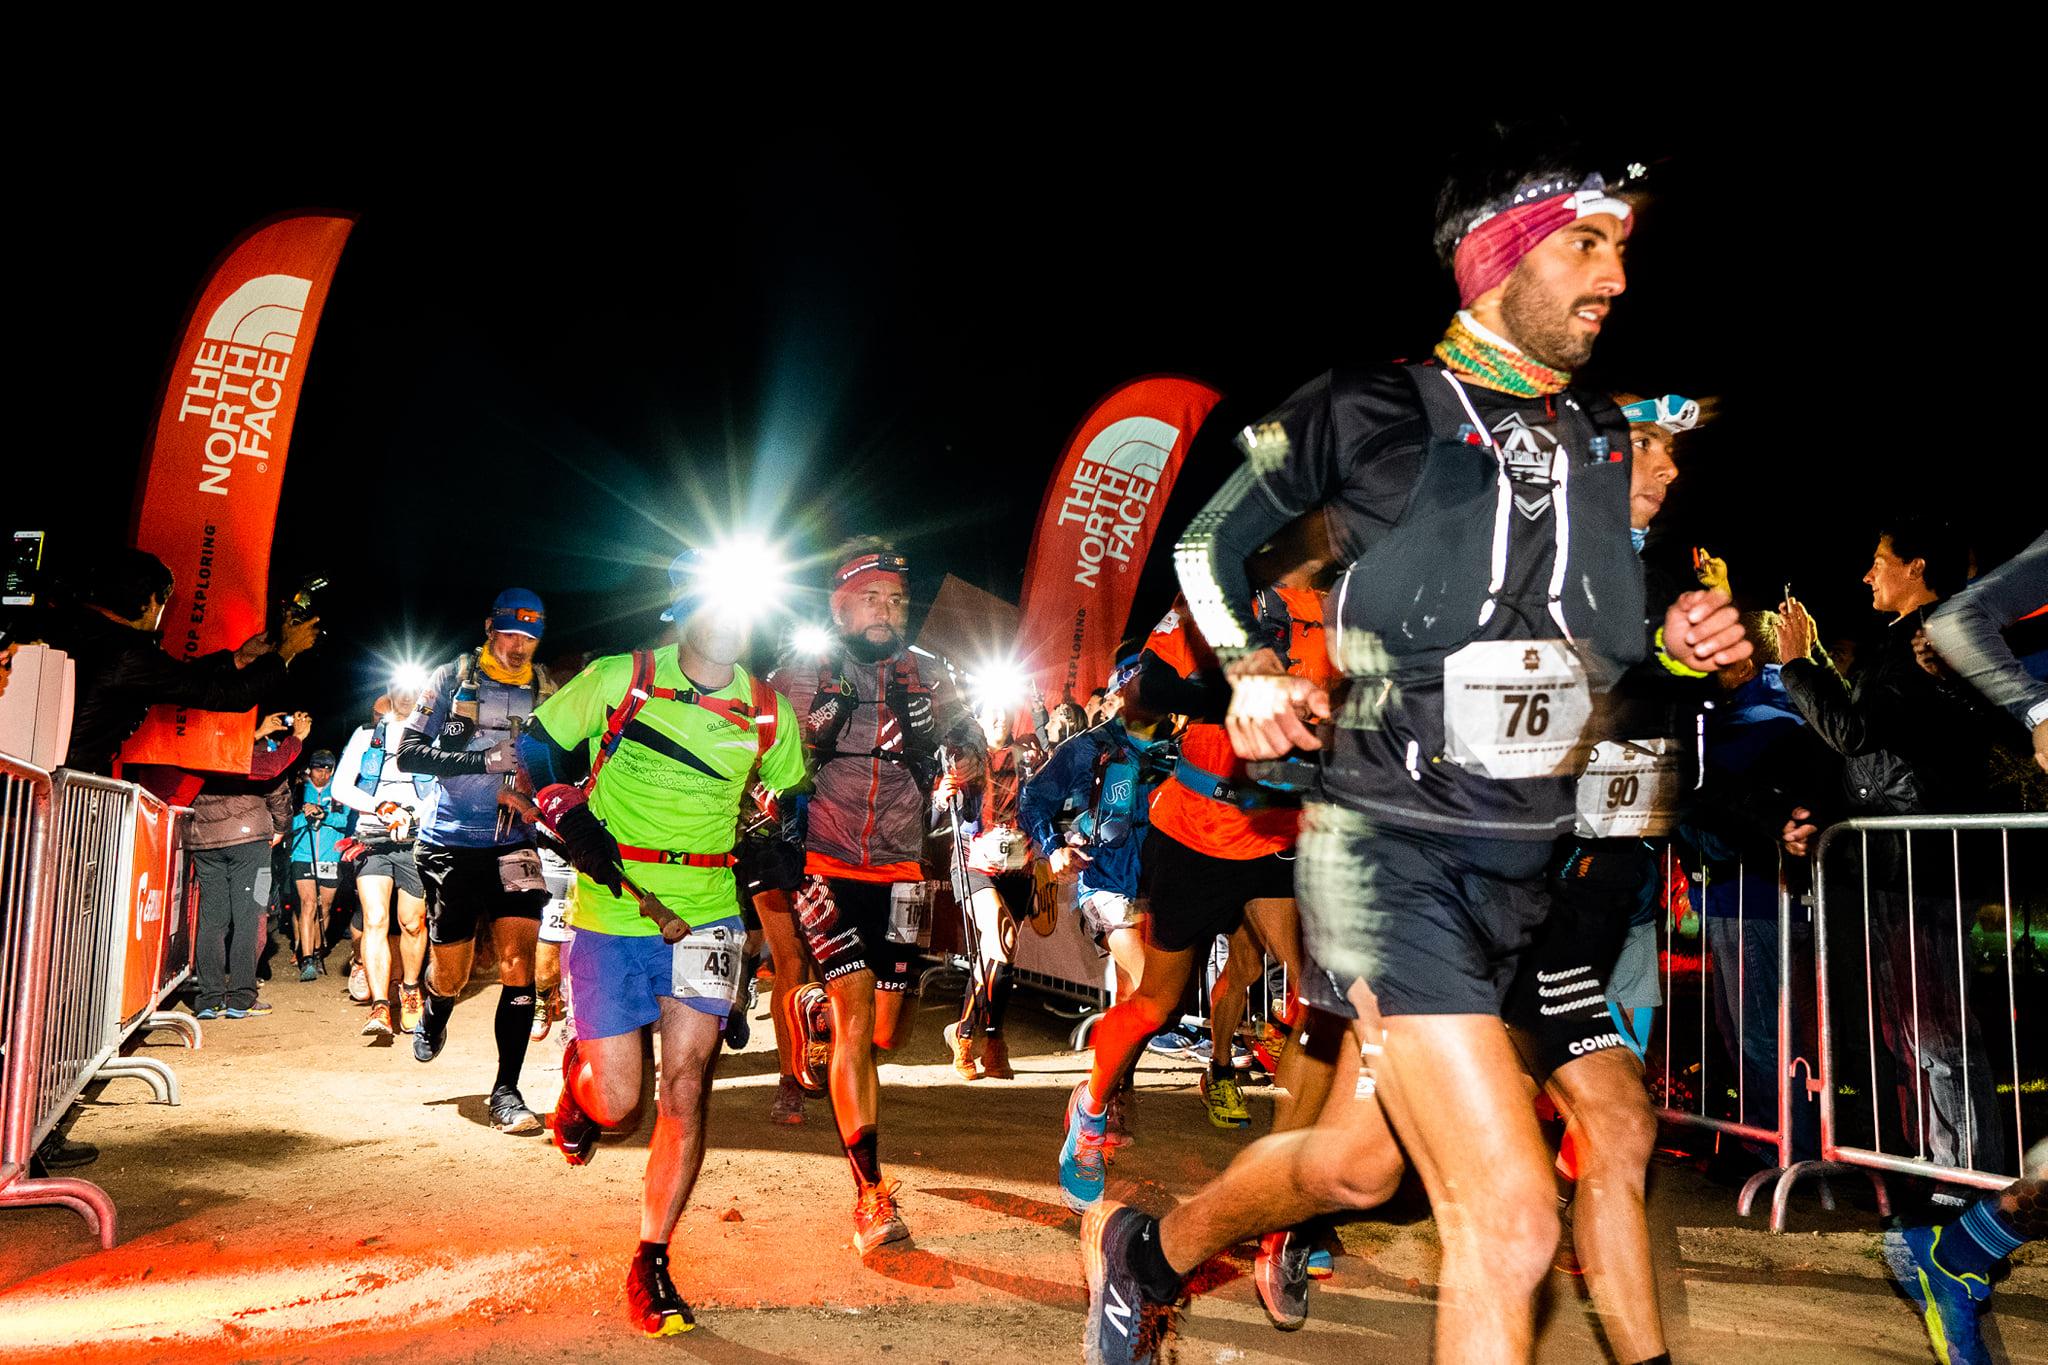 Todo listo para la carrera de trail running más importante de Sudamérica